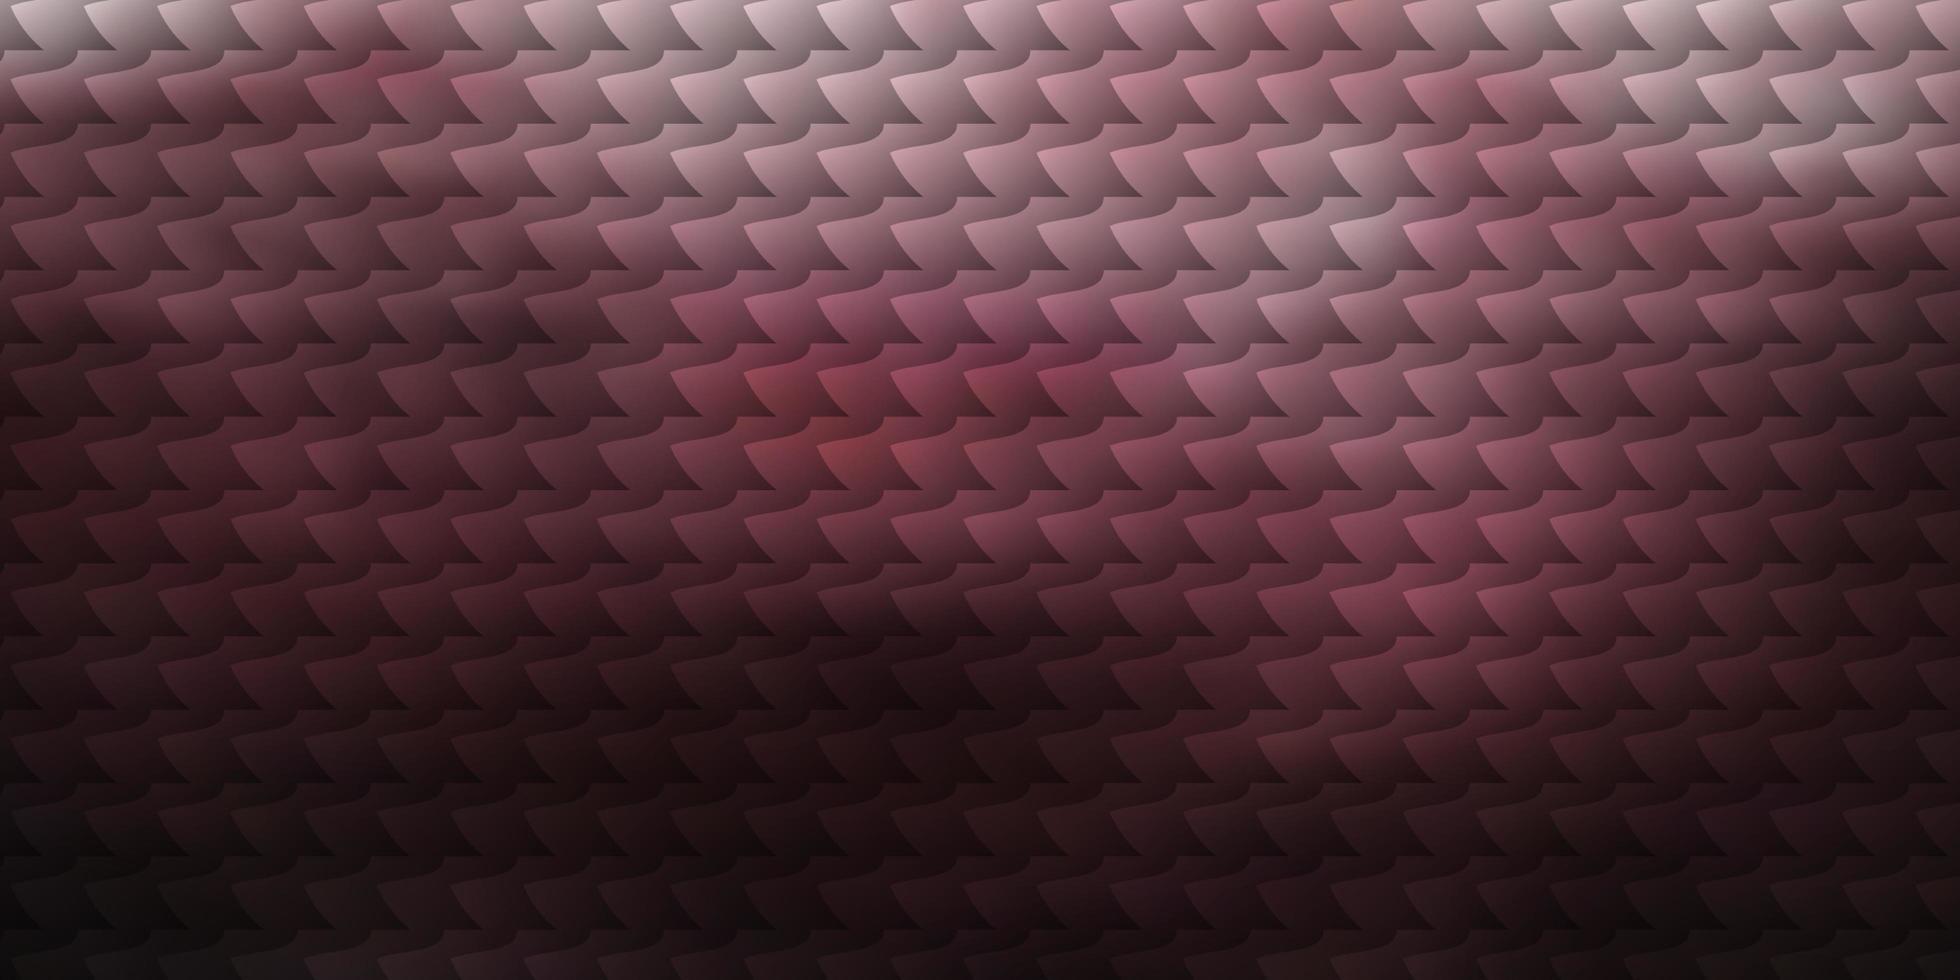 mise en page rouge clair avec des lignes, des rectangles. vecteur